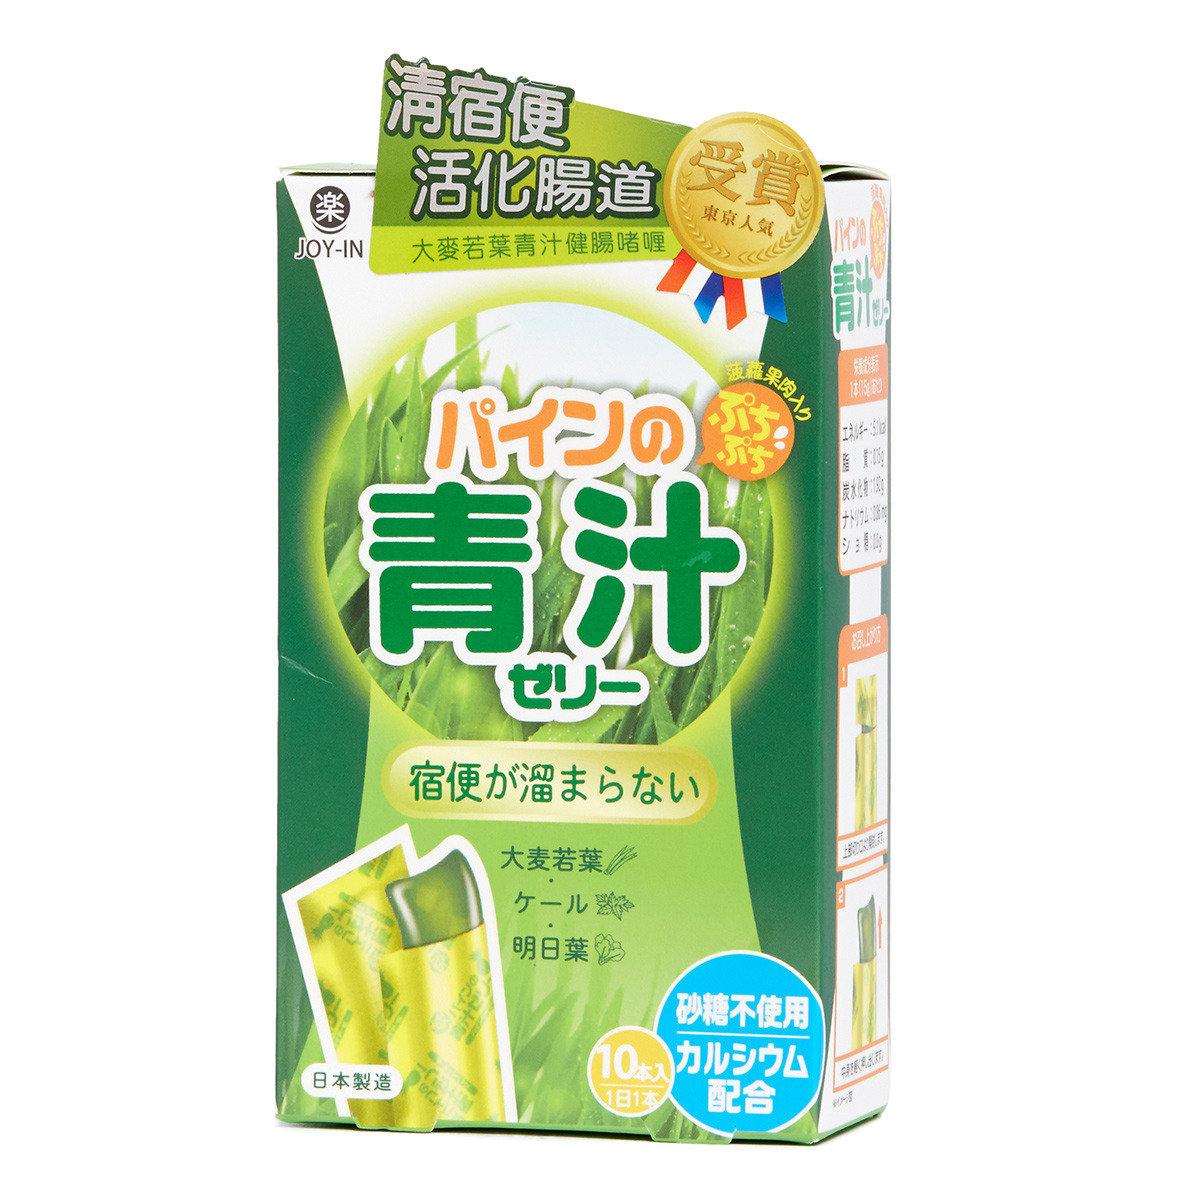 大麥若葉青汁健腸啫喱